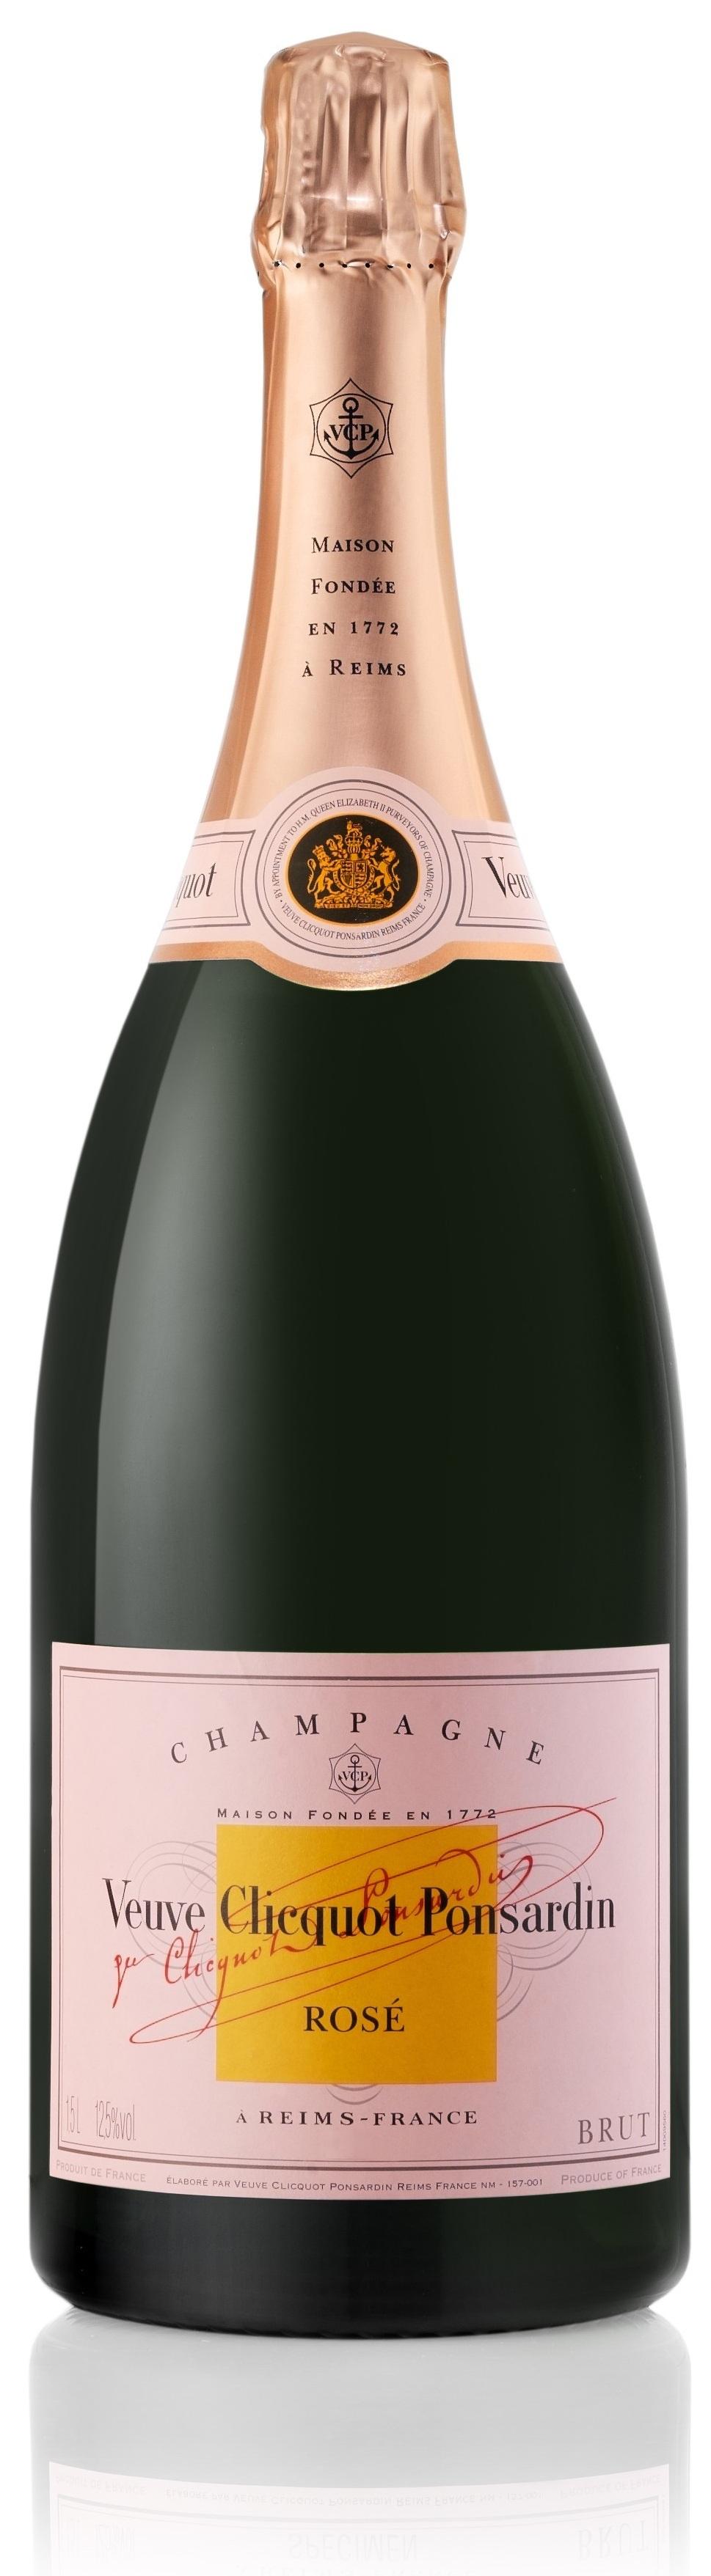 Veuve-Clicquot-Ponsardin-Rose.jpg